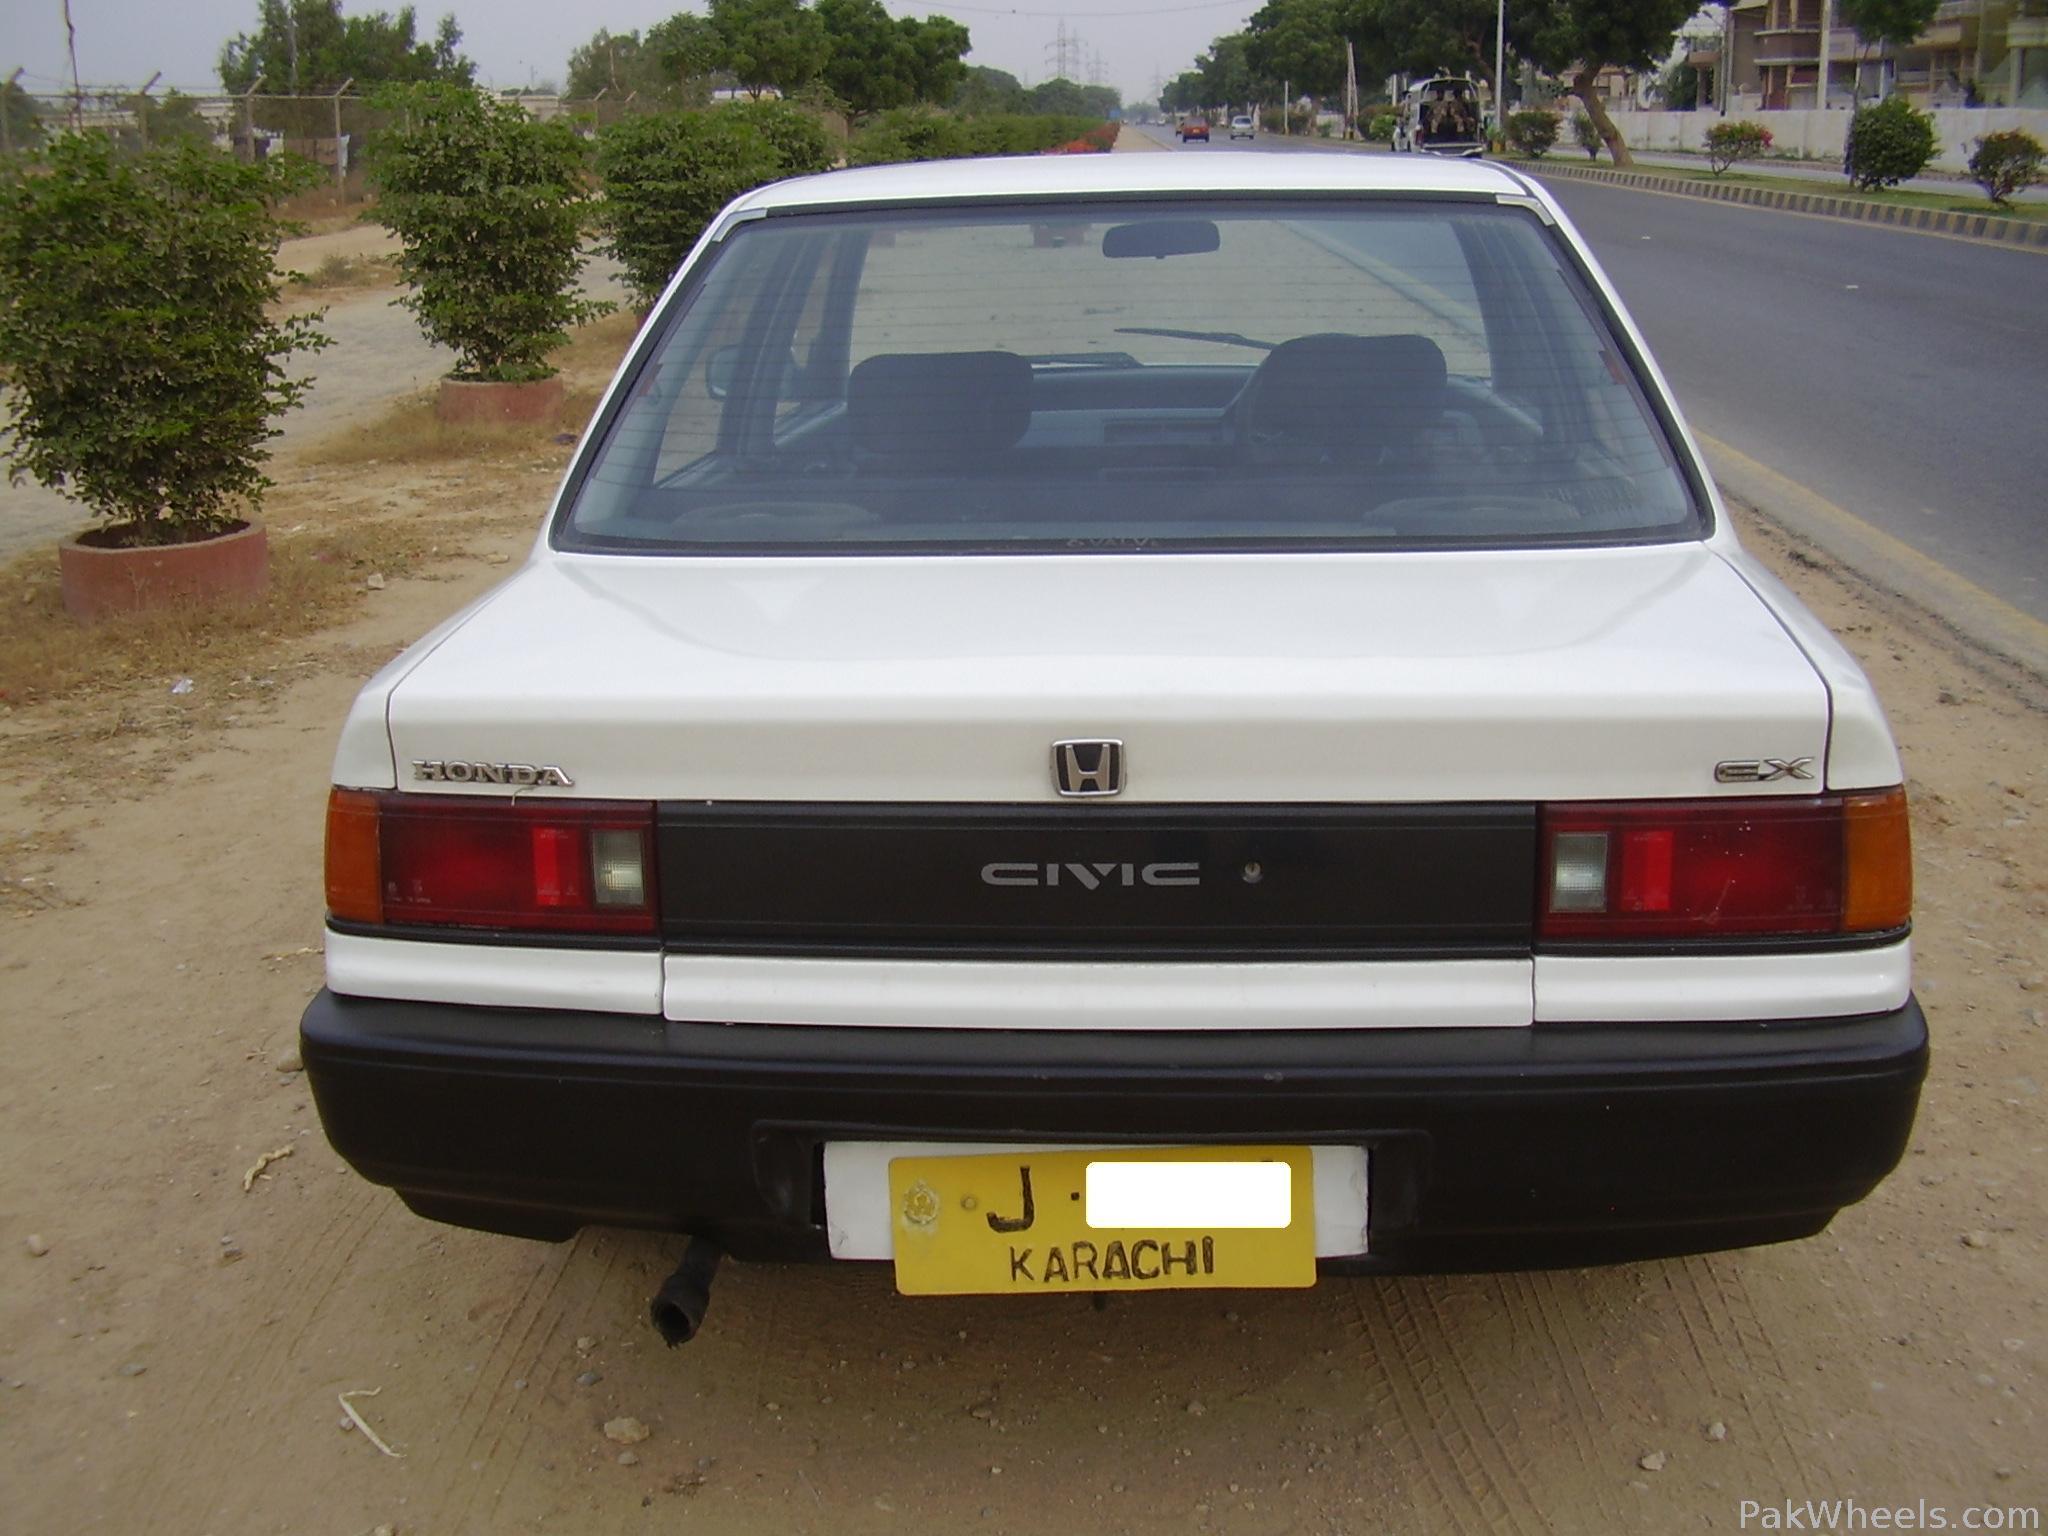 Honda civic 1988 for sale in karachi pakwheels for Honda civic 1988